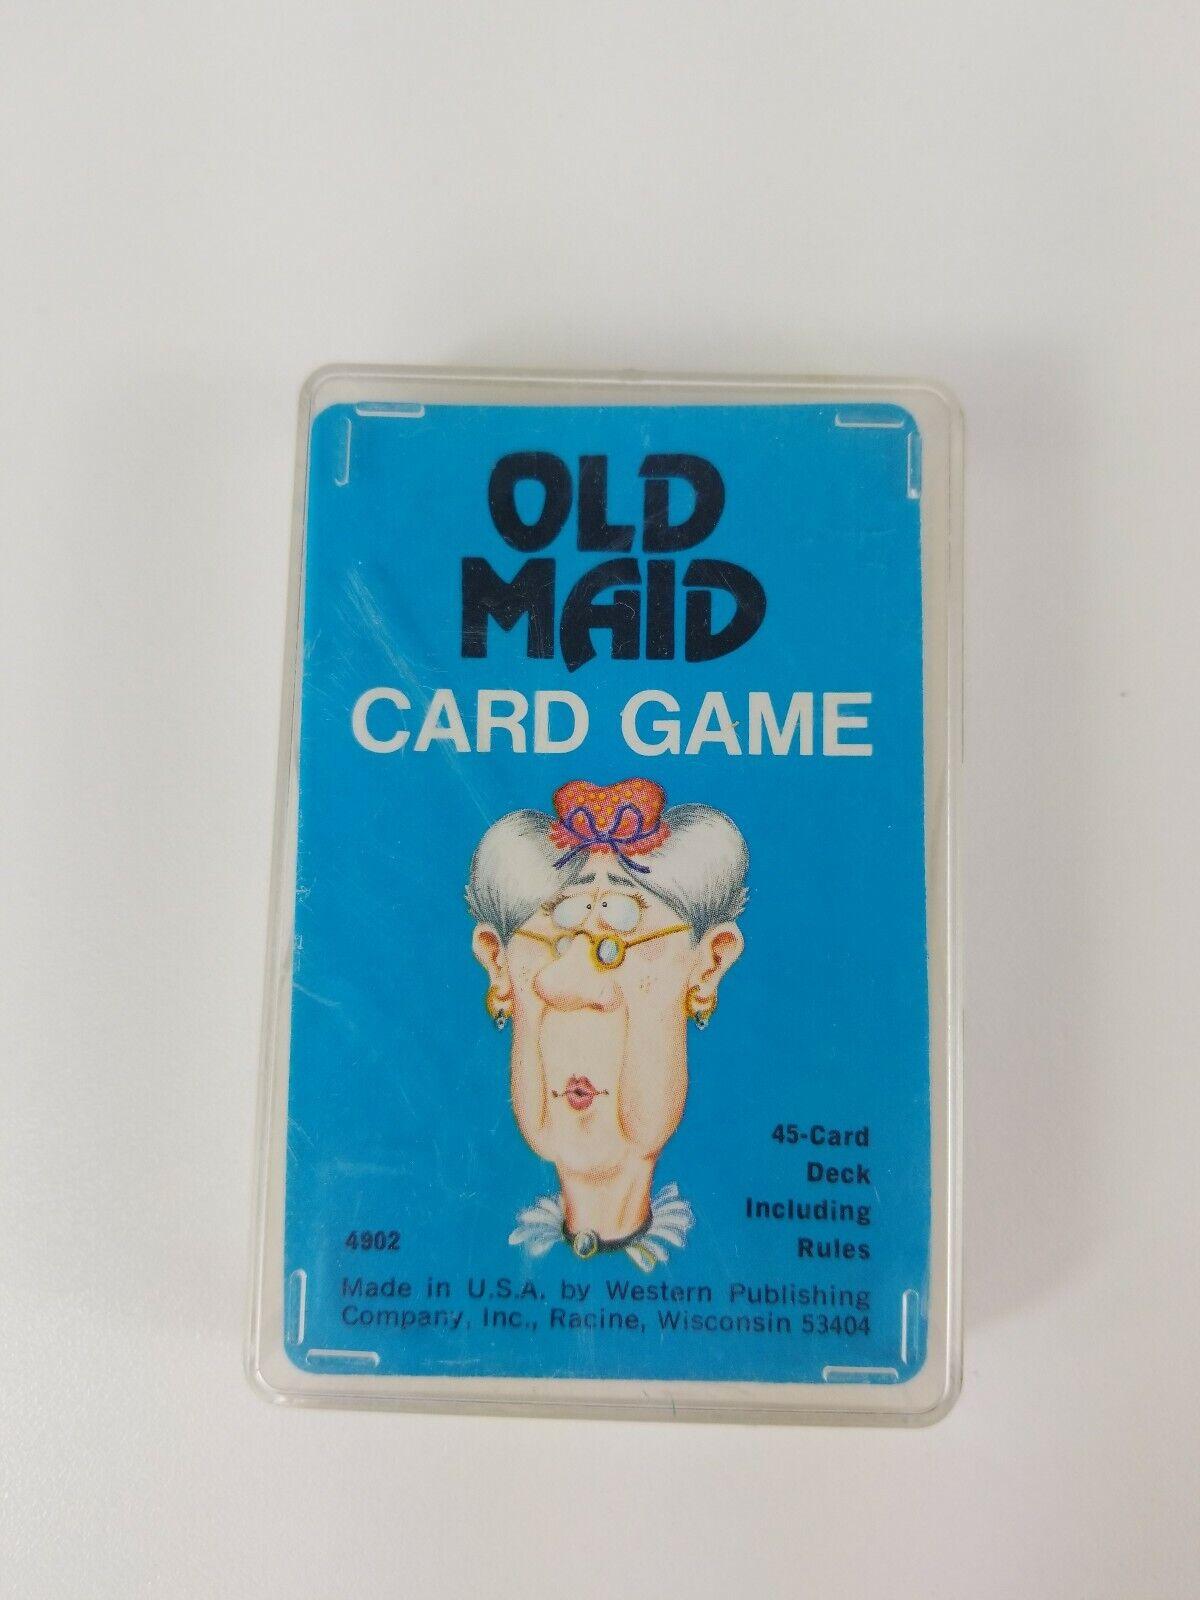 Vintage 1975  4902 Whitman vieille fille jeu de carte Western Publishing complet